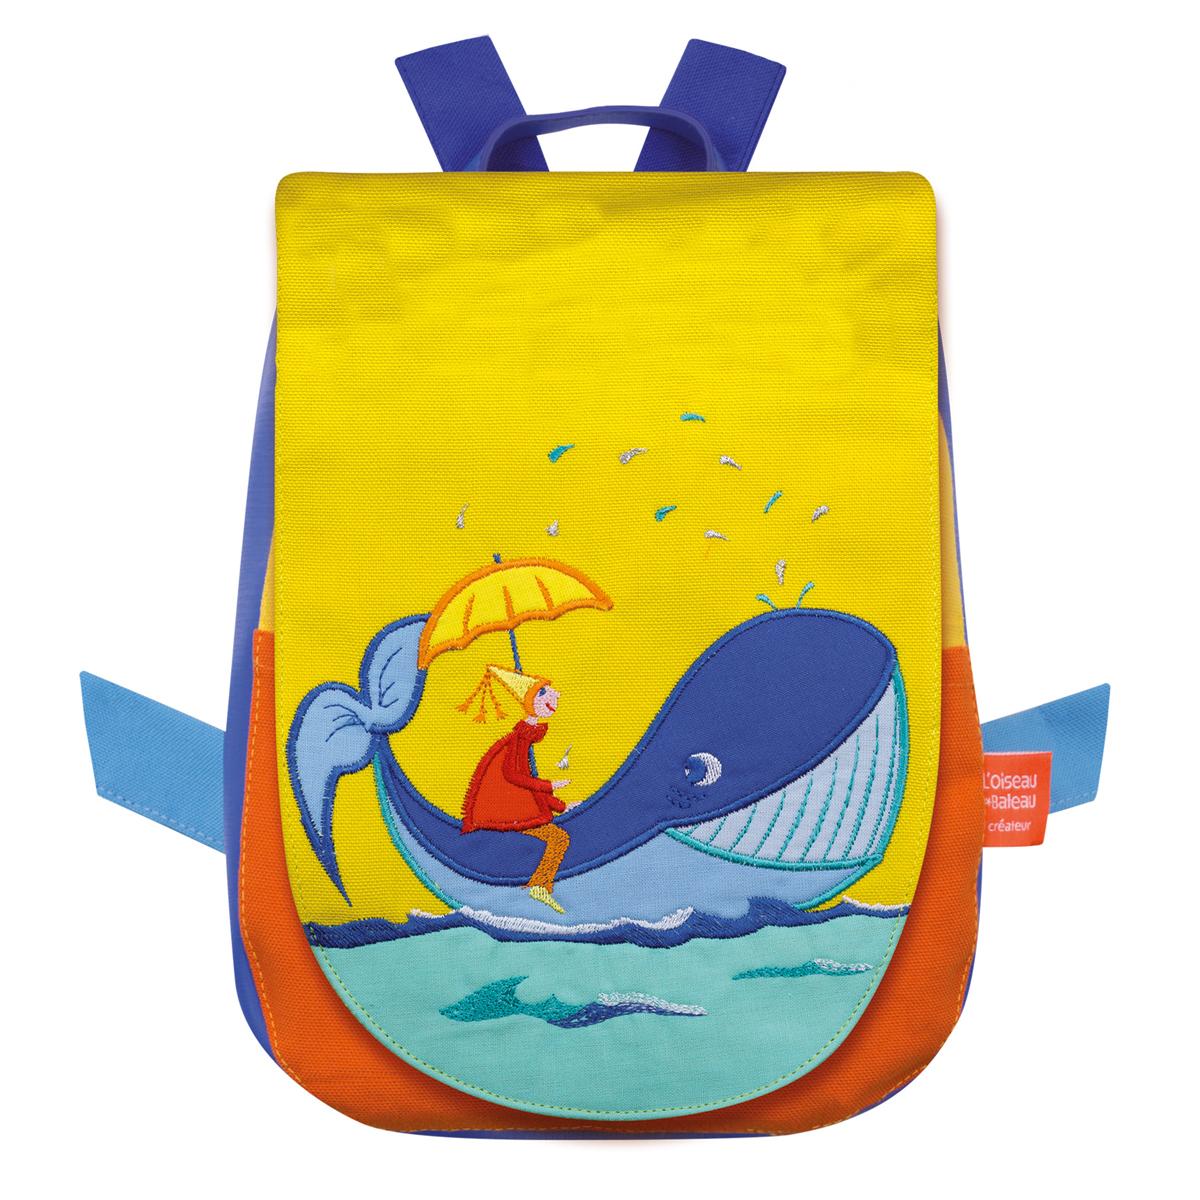 ベビーリュック・クジラに乗った少年